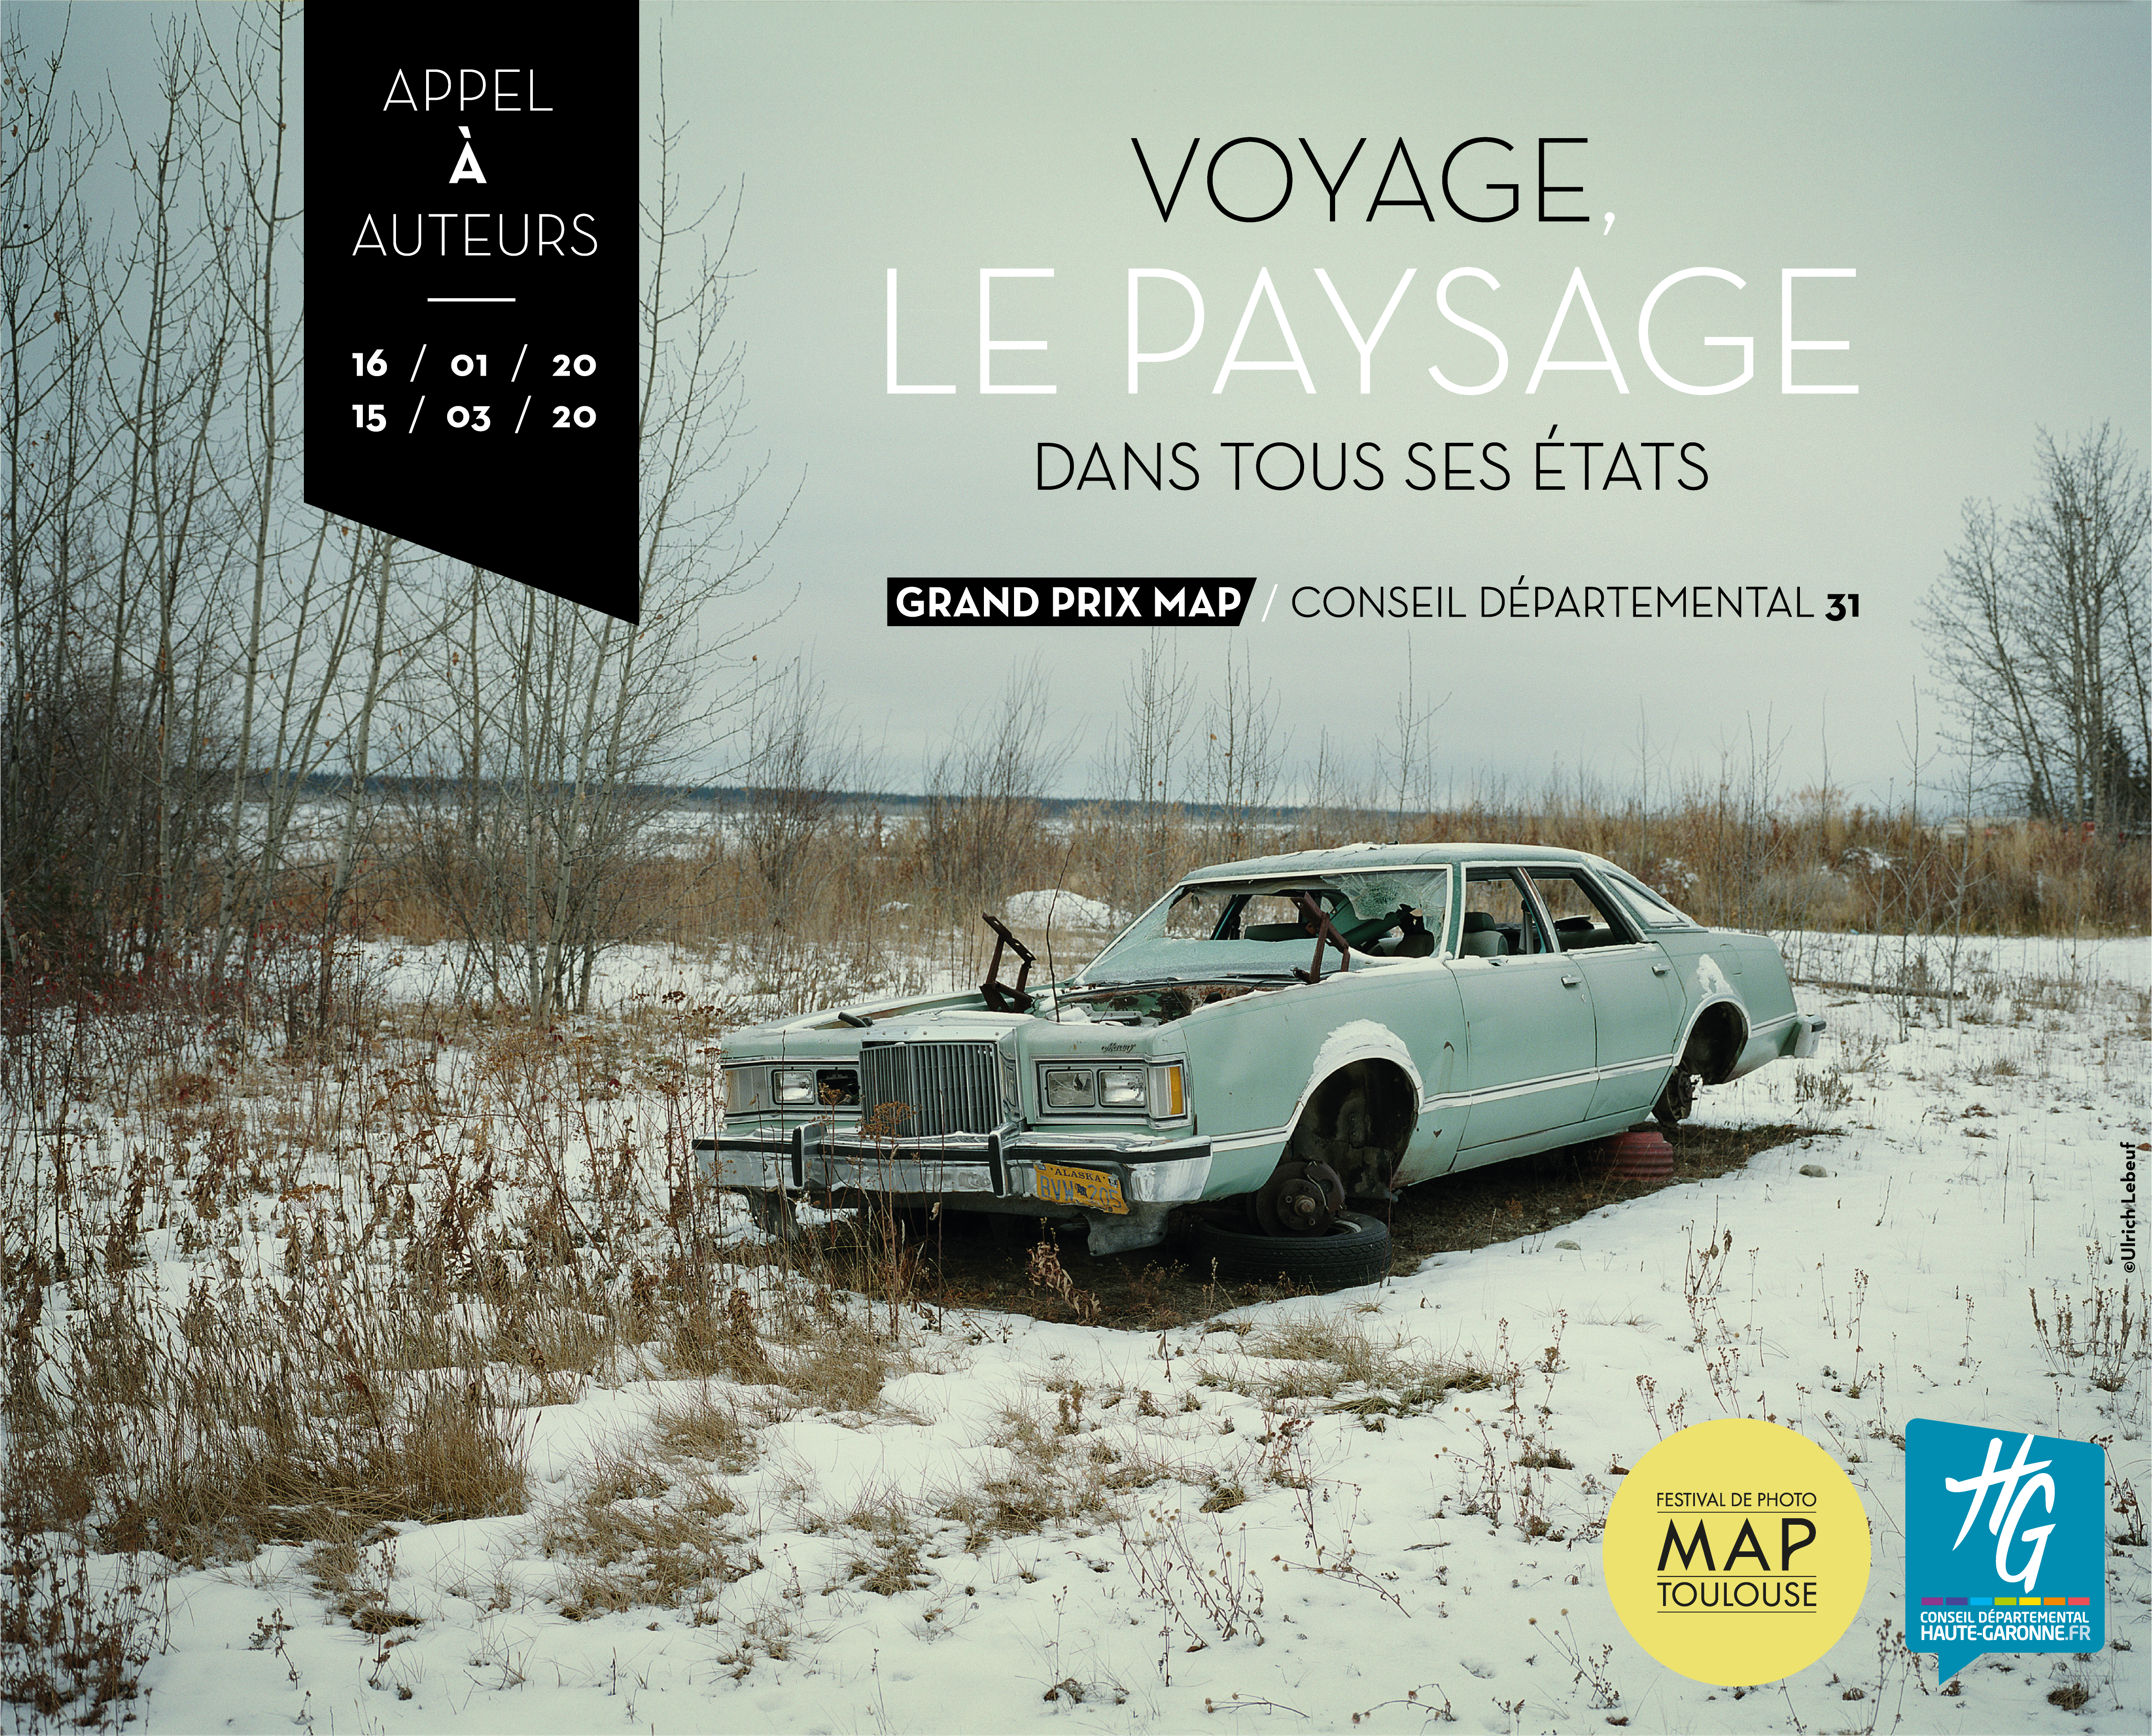 Festival de photo MAP Toulouse - Appel à auteurs - Voyage, le paysage dans tous ces états